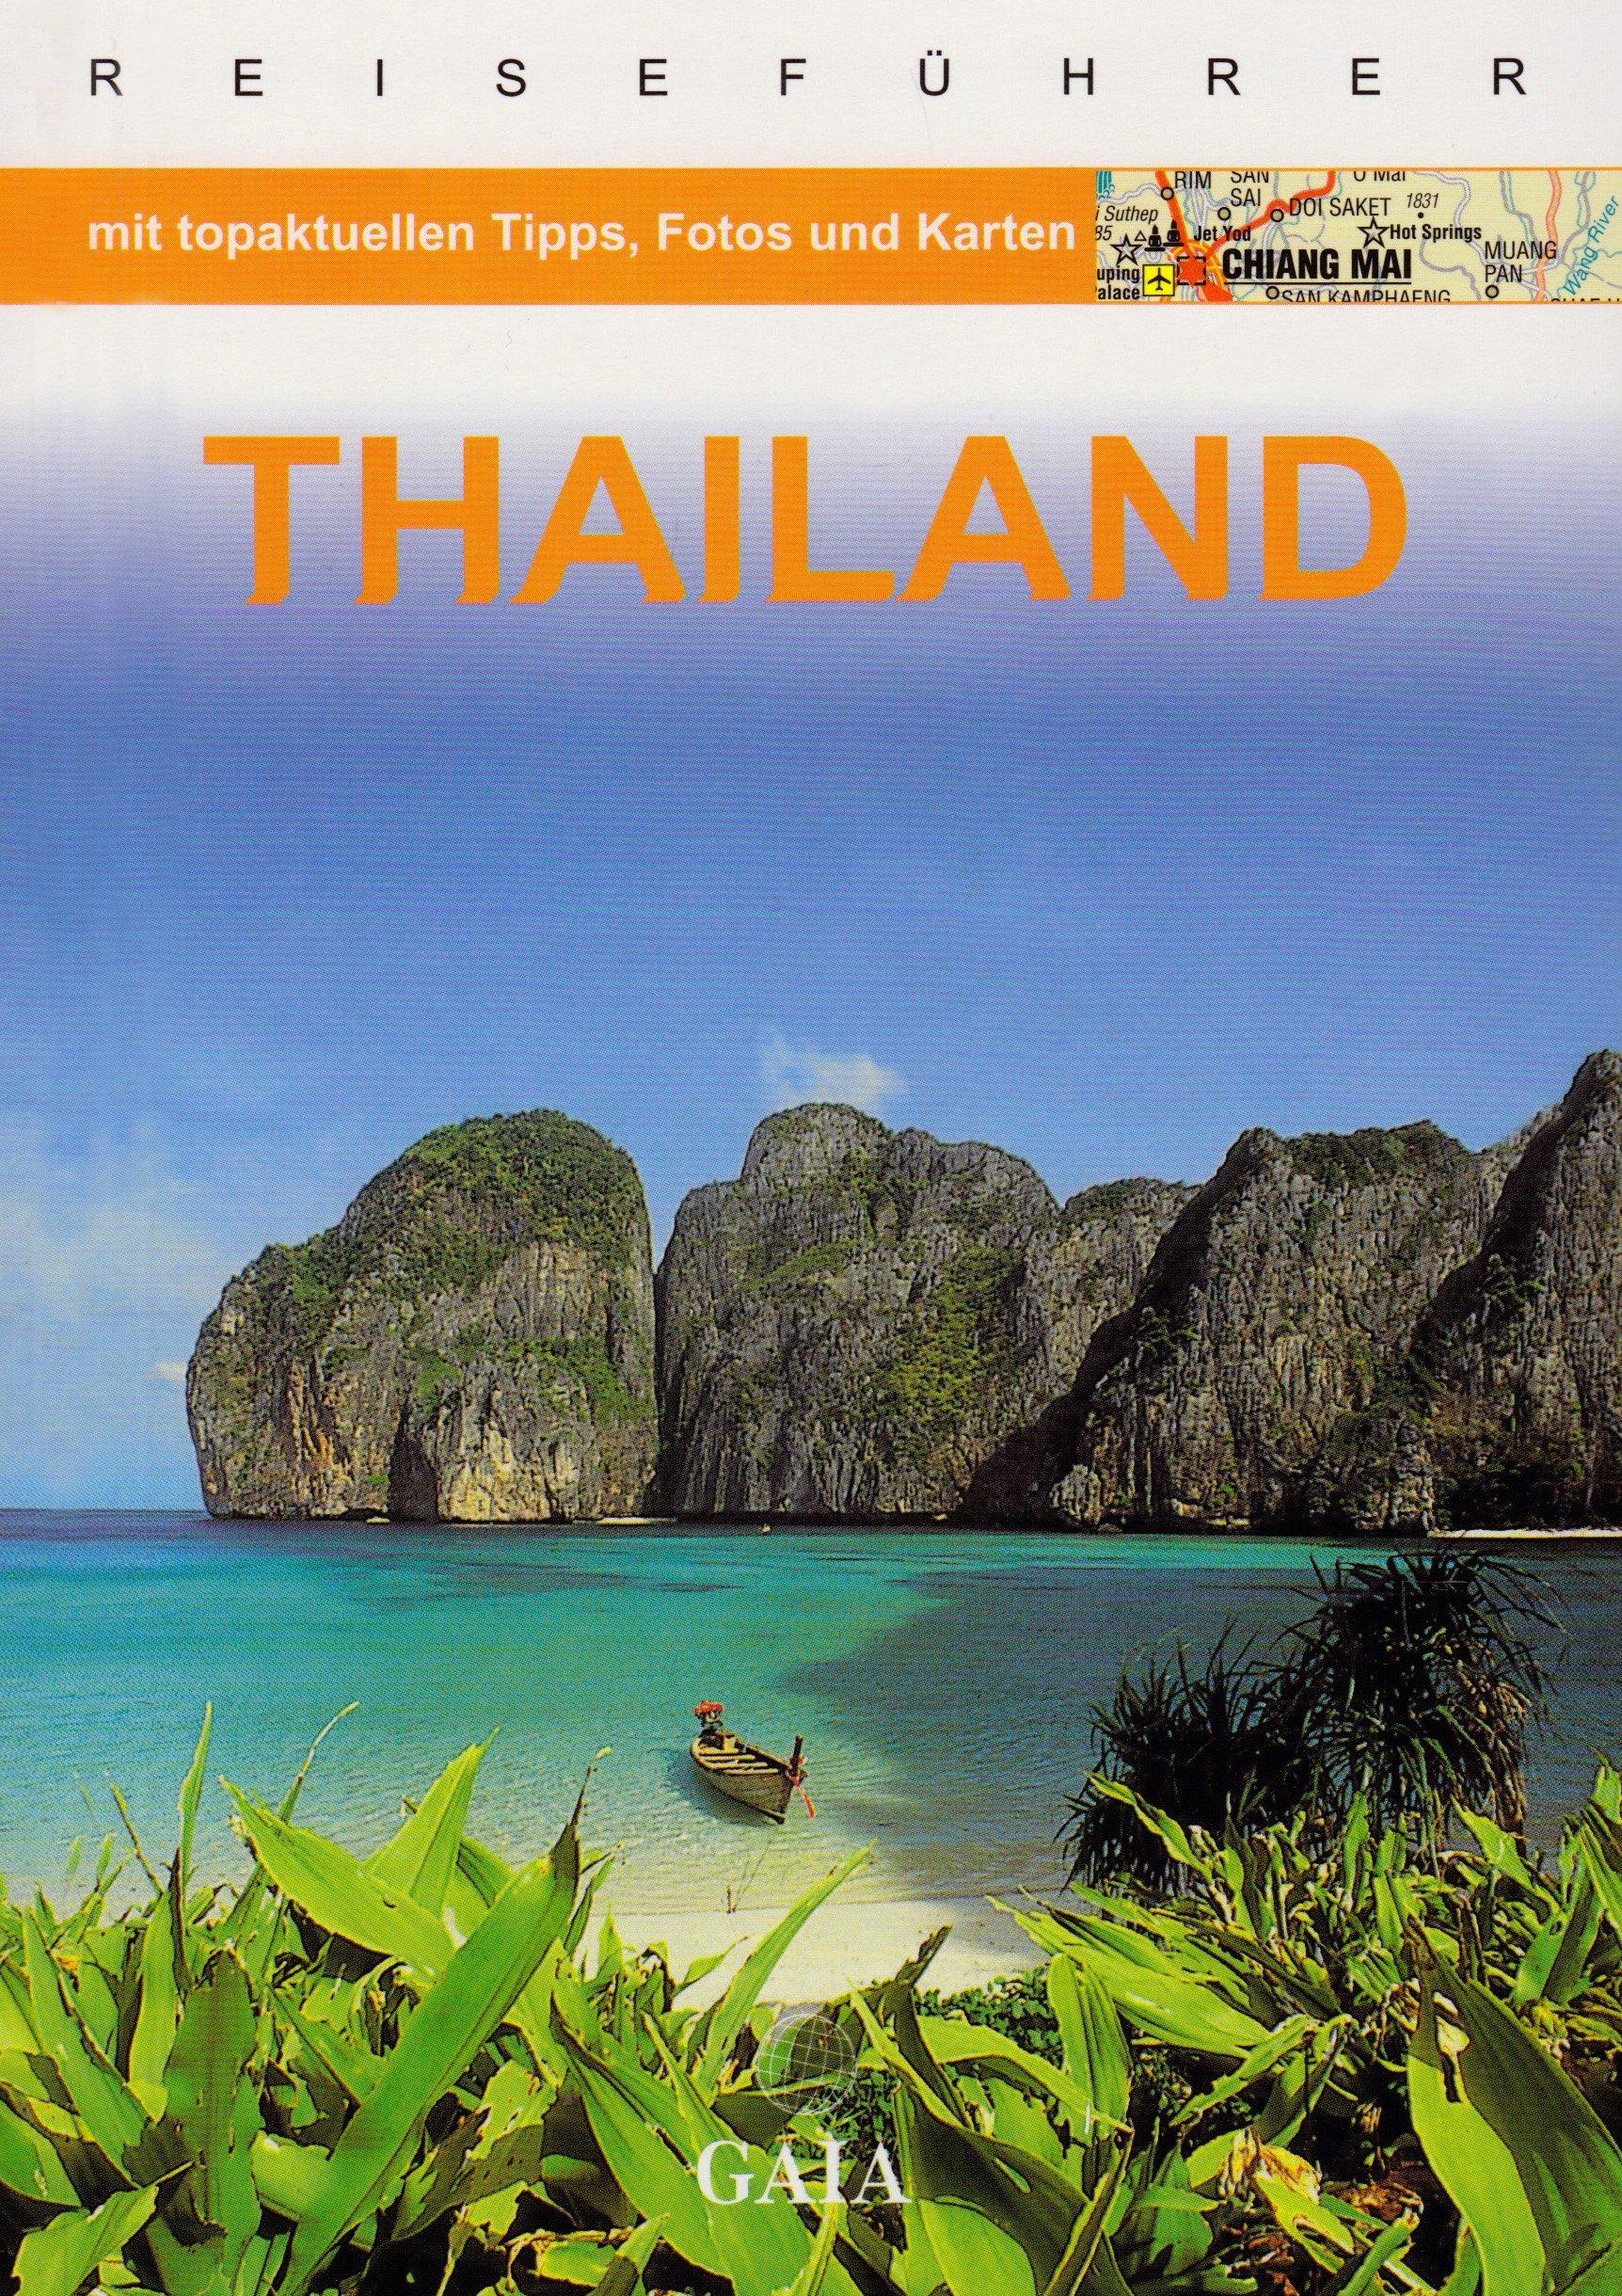 gaia-thailand